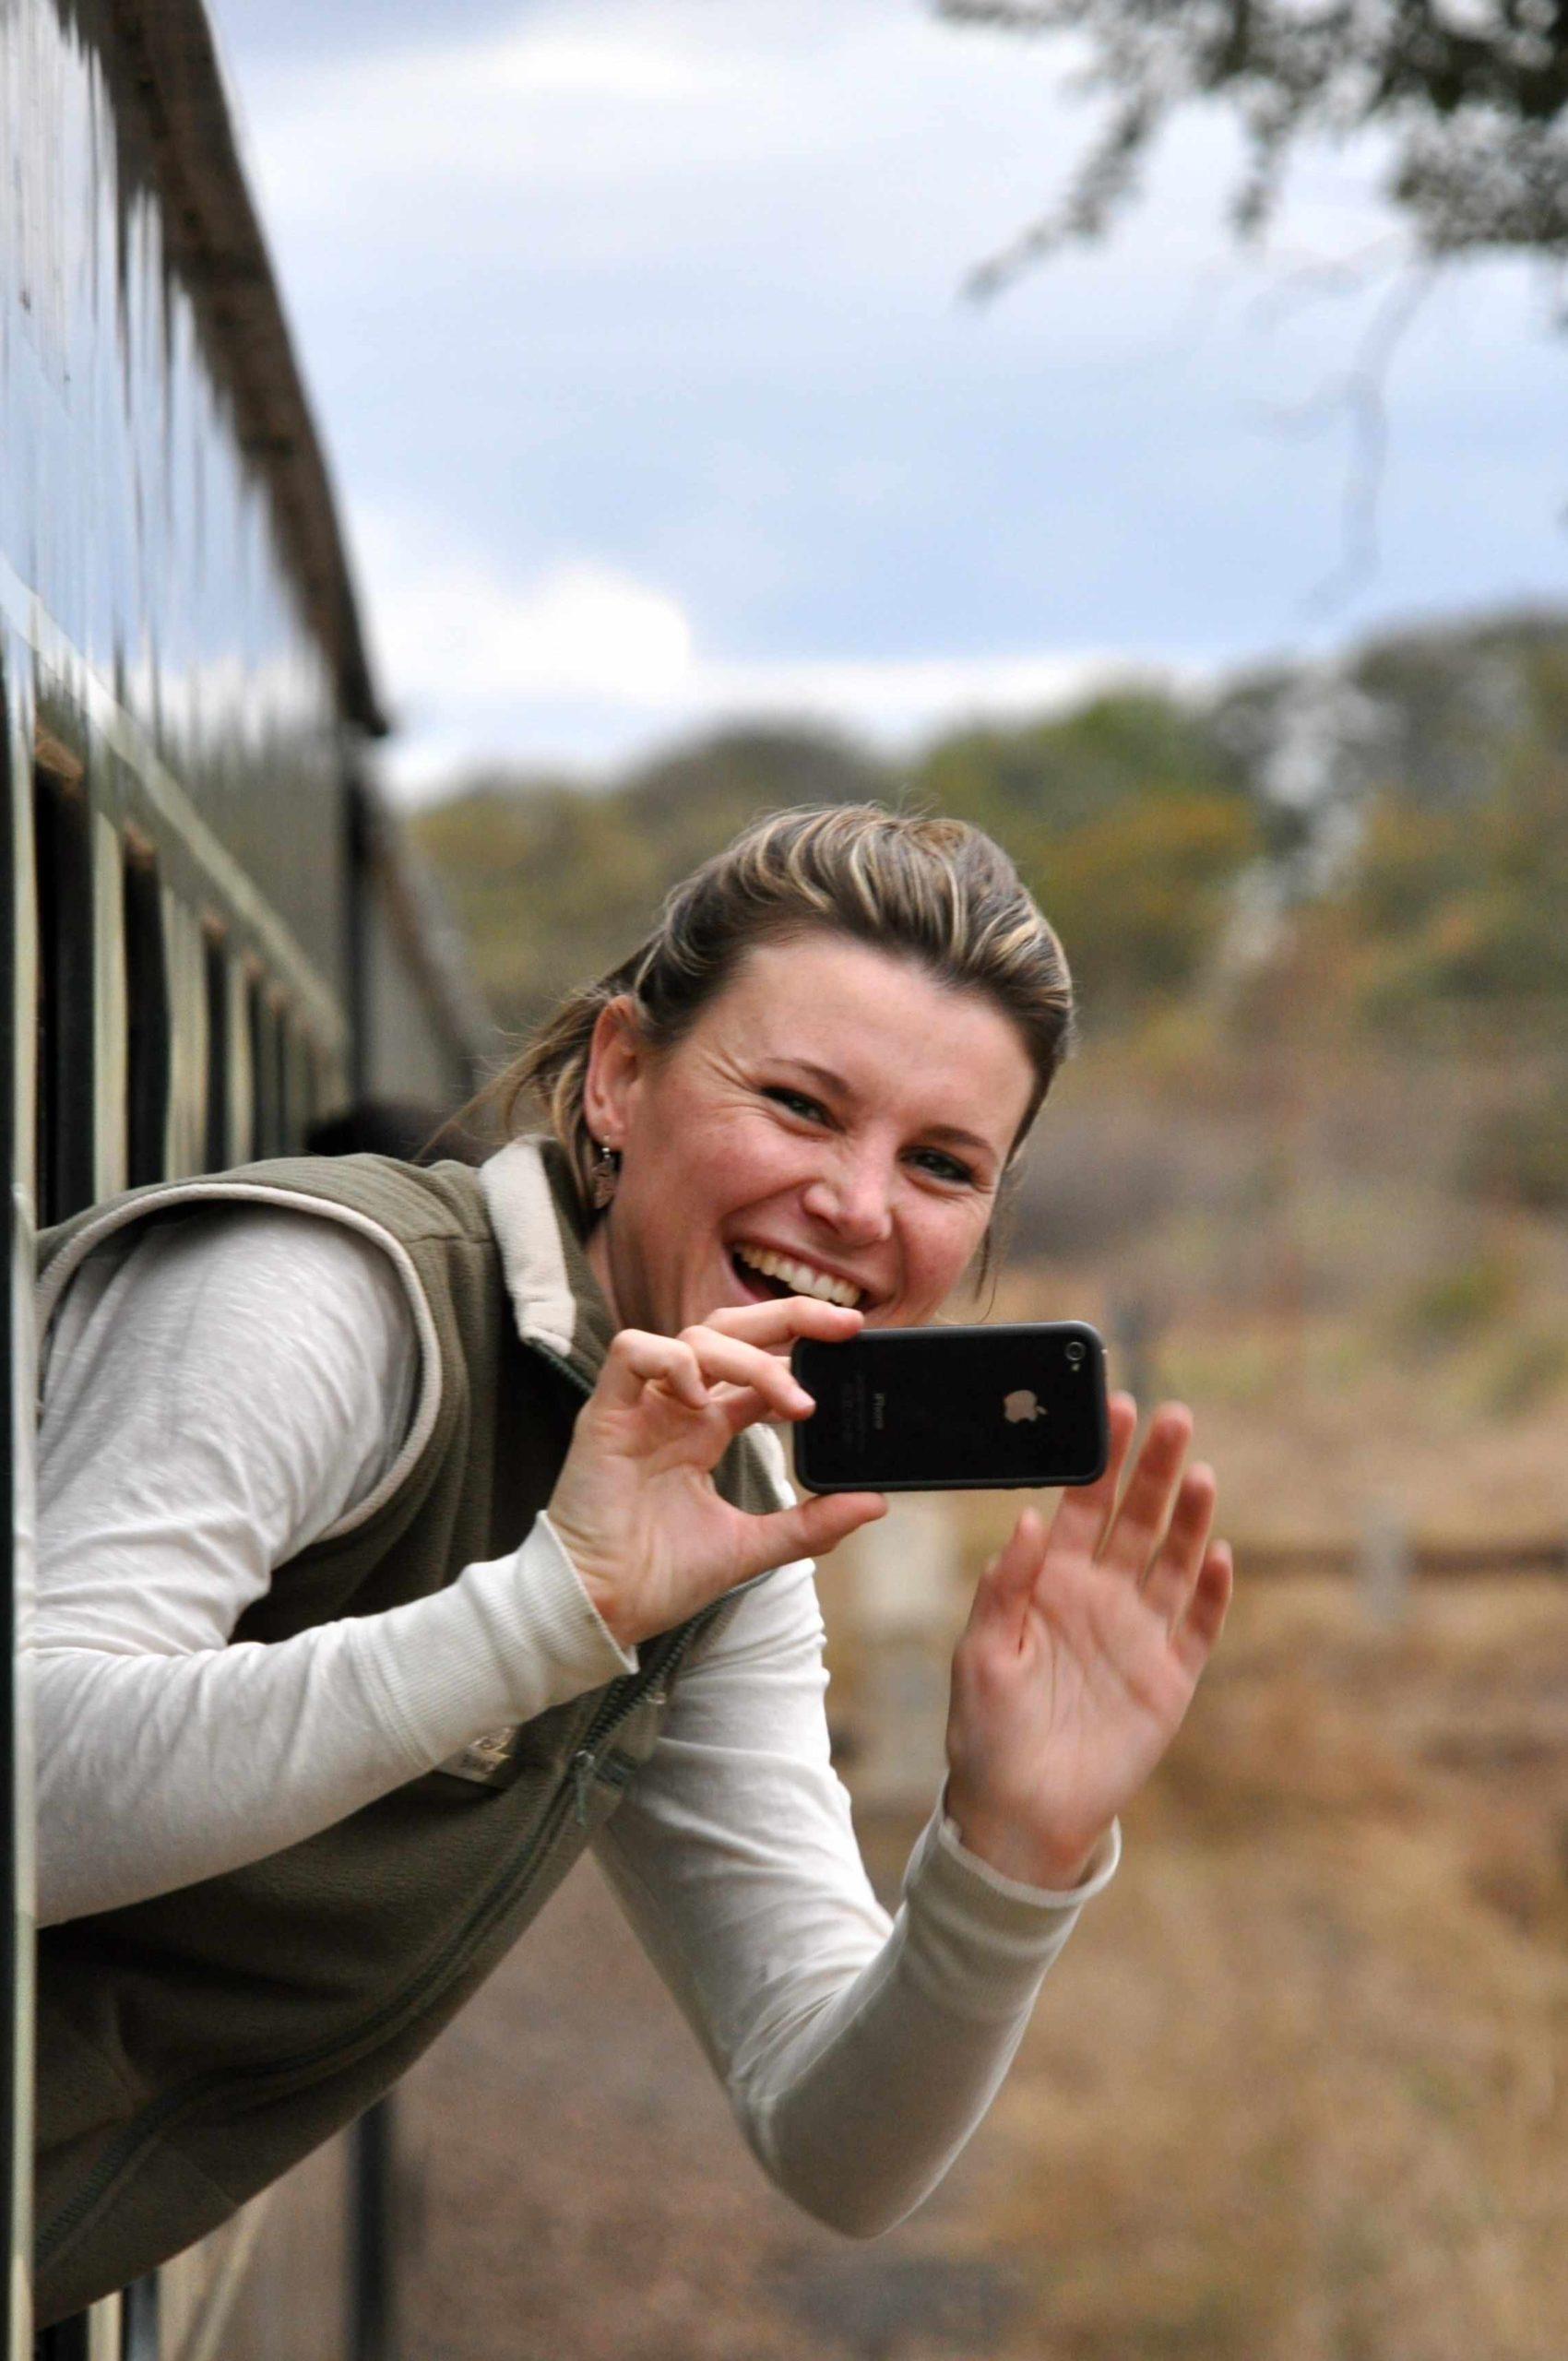 Bianca Vos on Rovos Rail